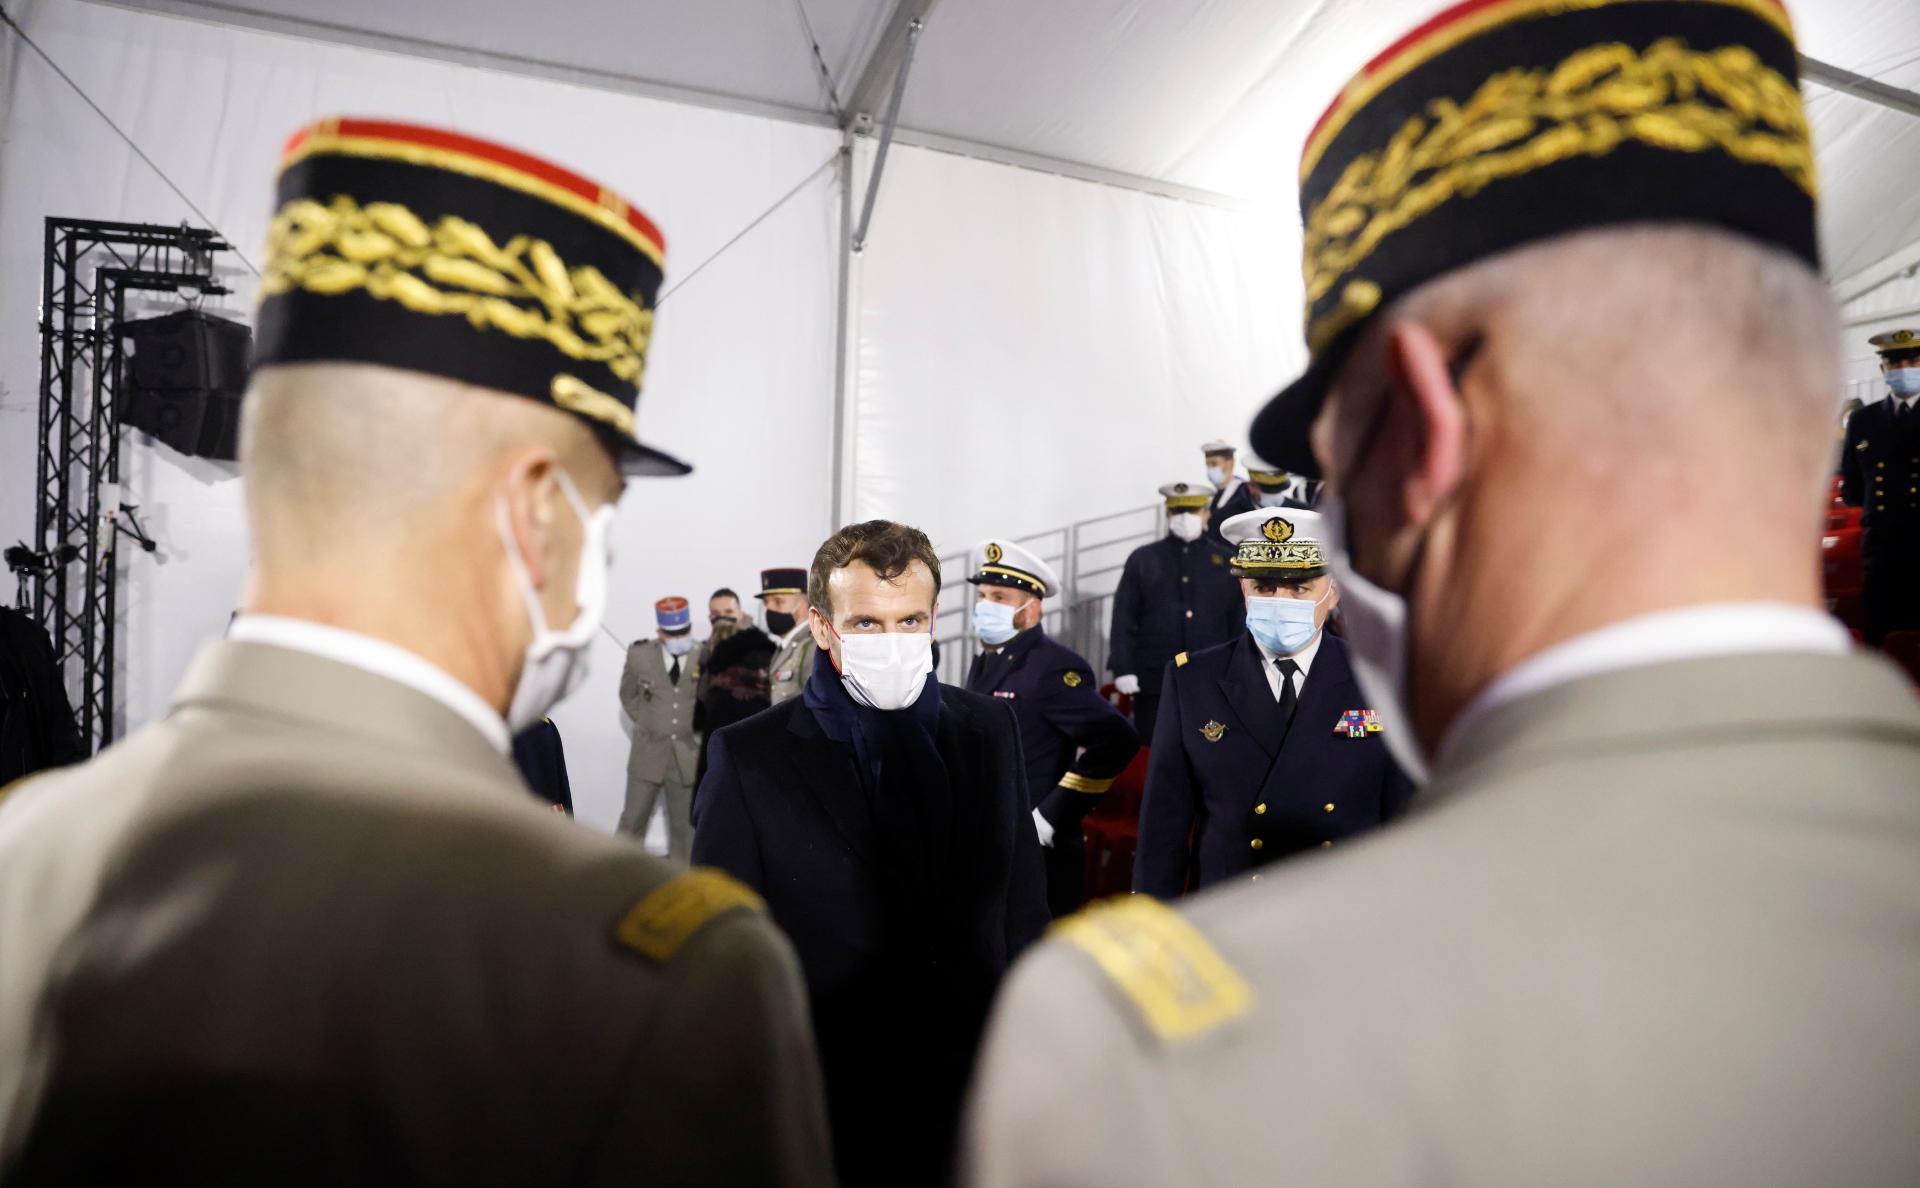 Фото: Stephane Mahe / Pool / Reuters